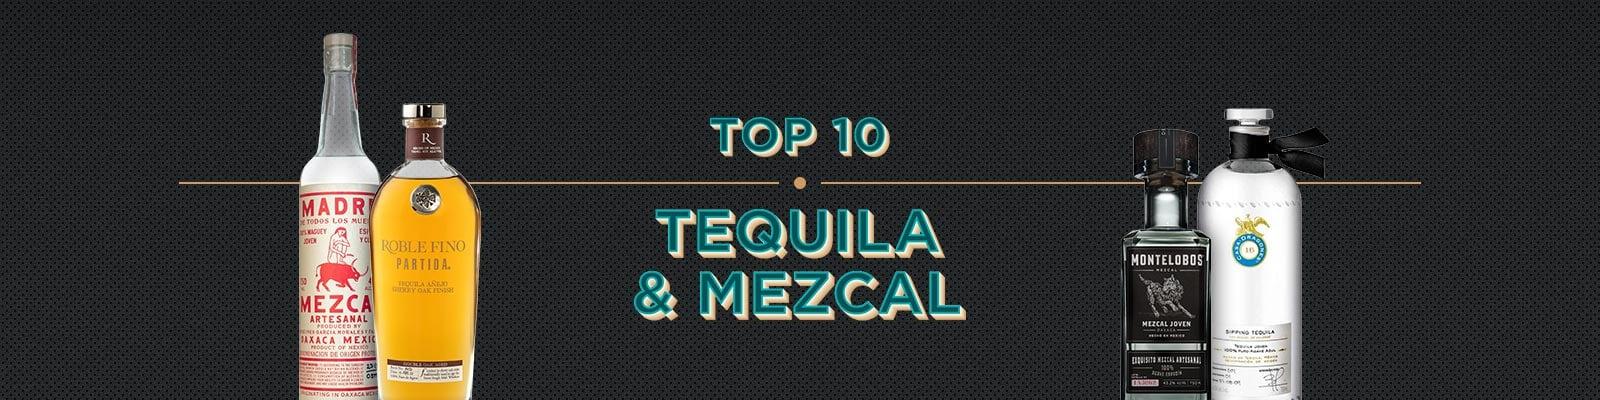 Top 10 Tequila & Mezcal